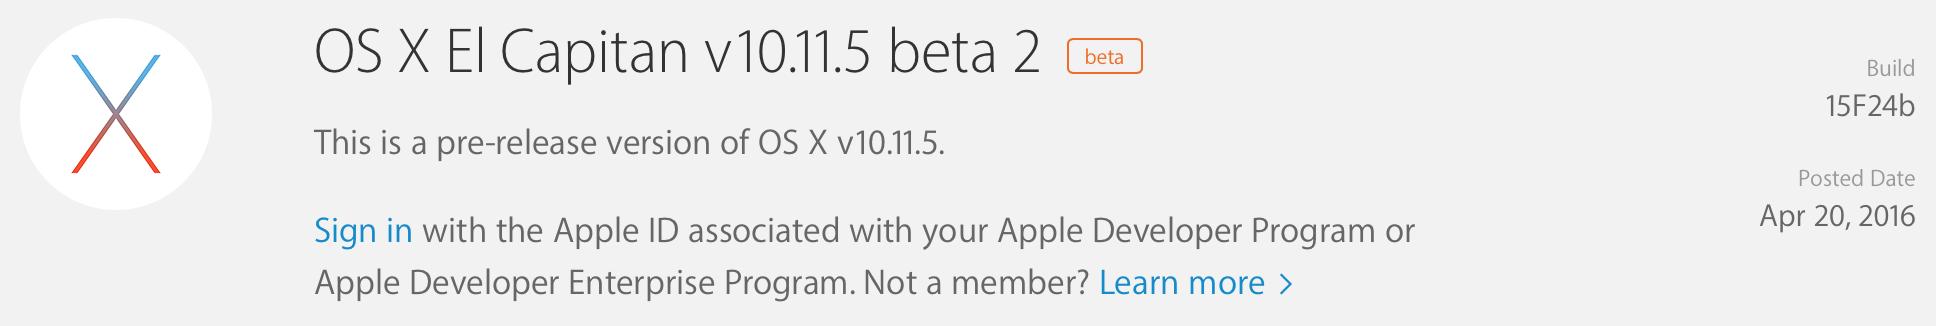 OS X Beta-Release-bildschirmfoto-2016-04-20-um-21.22.53.png